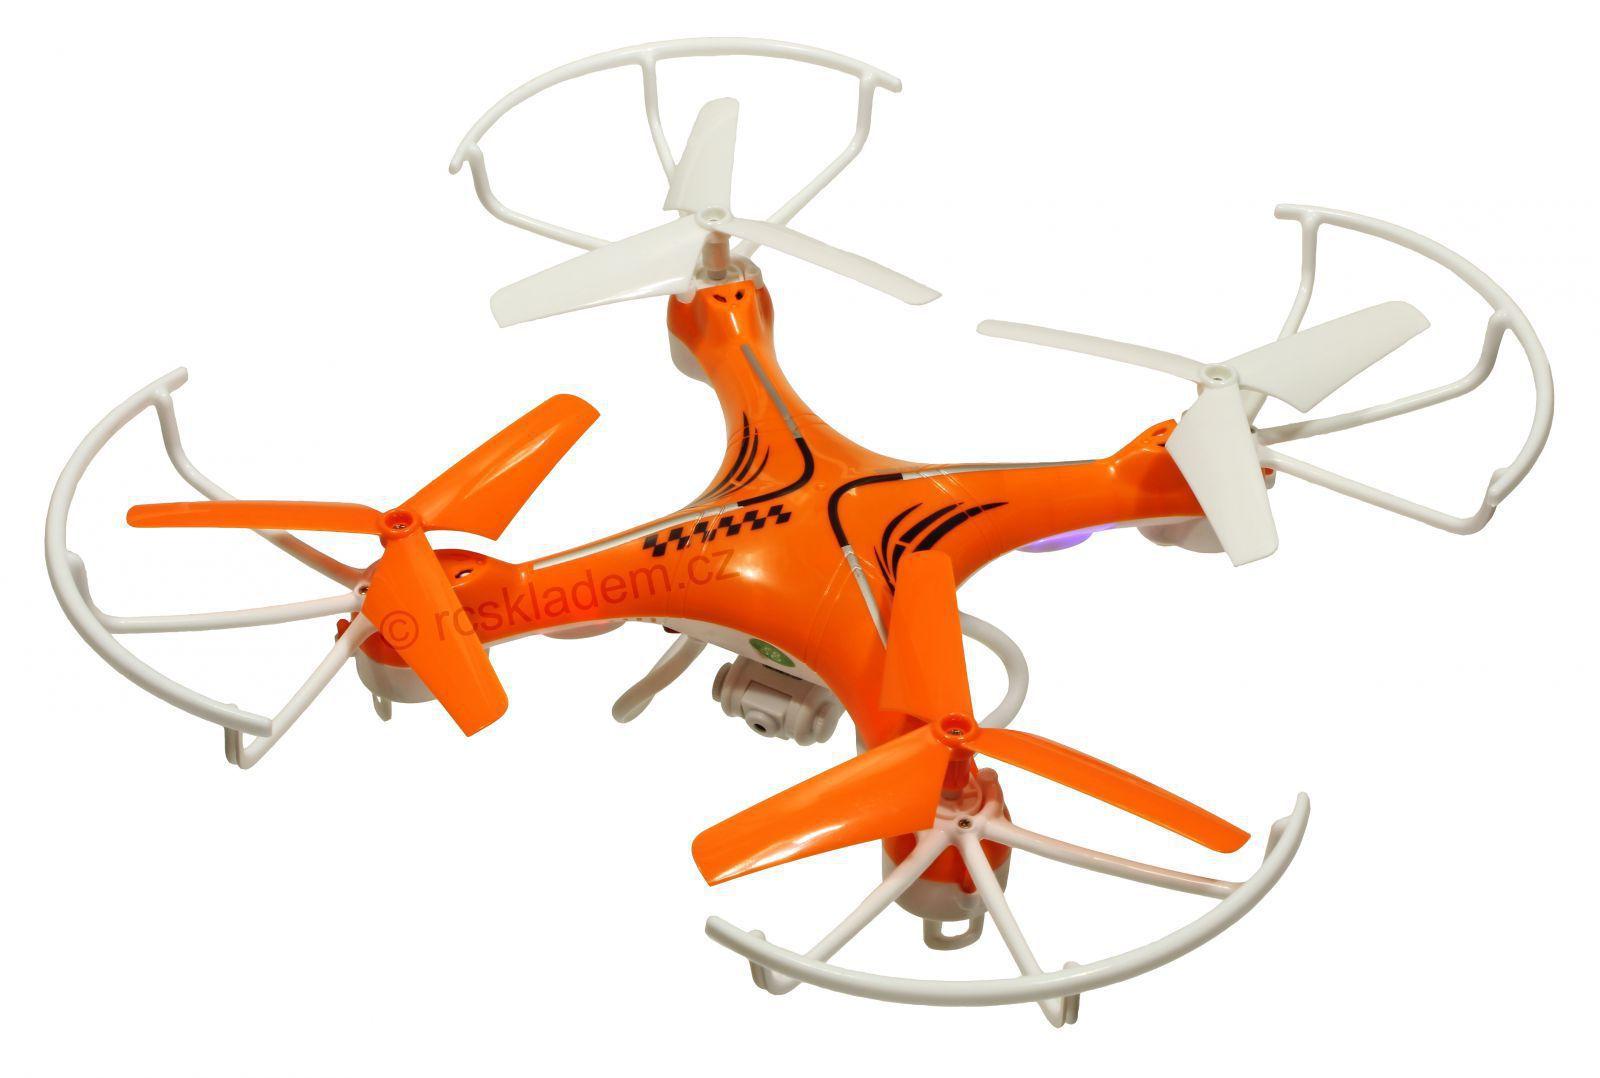 RCskladem, RCdarky, RC DRON, RC, Dron, RC modely, Dron s kamerou, Barometrický výškoměr, Skládací dron, dron GPS, dron Wifi, dron FPV, dron 720P, dron s návratovým tlačítkem, Dron Voyager 29cm